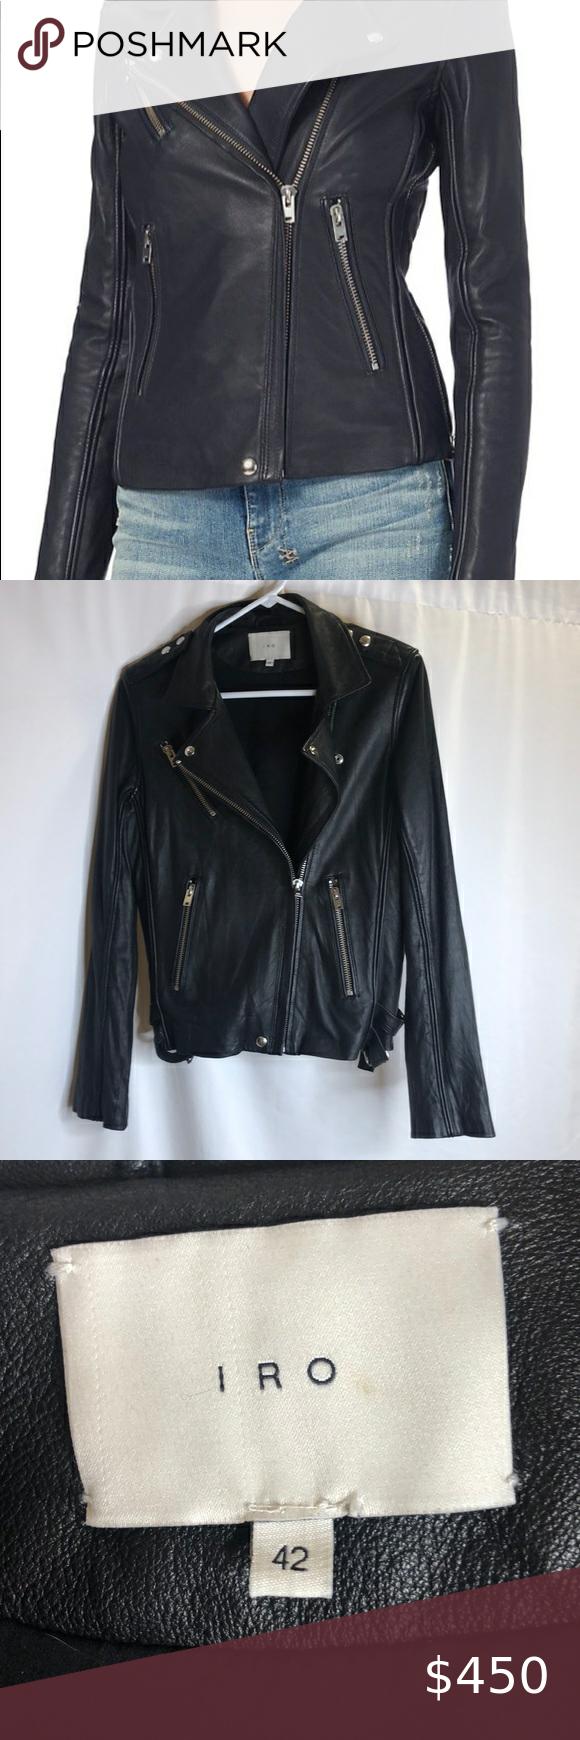 Iro Tara Leather Moto Jacket Black Sz Fr 42 Us 10 Leather Moto Jacket Beige Leather Jacket Iro Leather Jacket [ 1740 x 580 Pixel ]